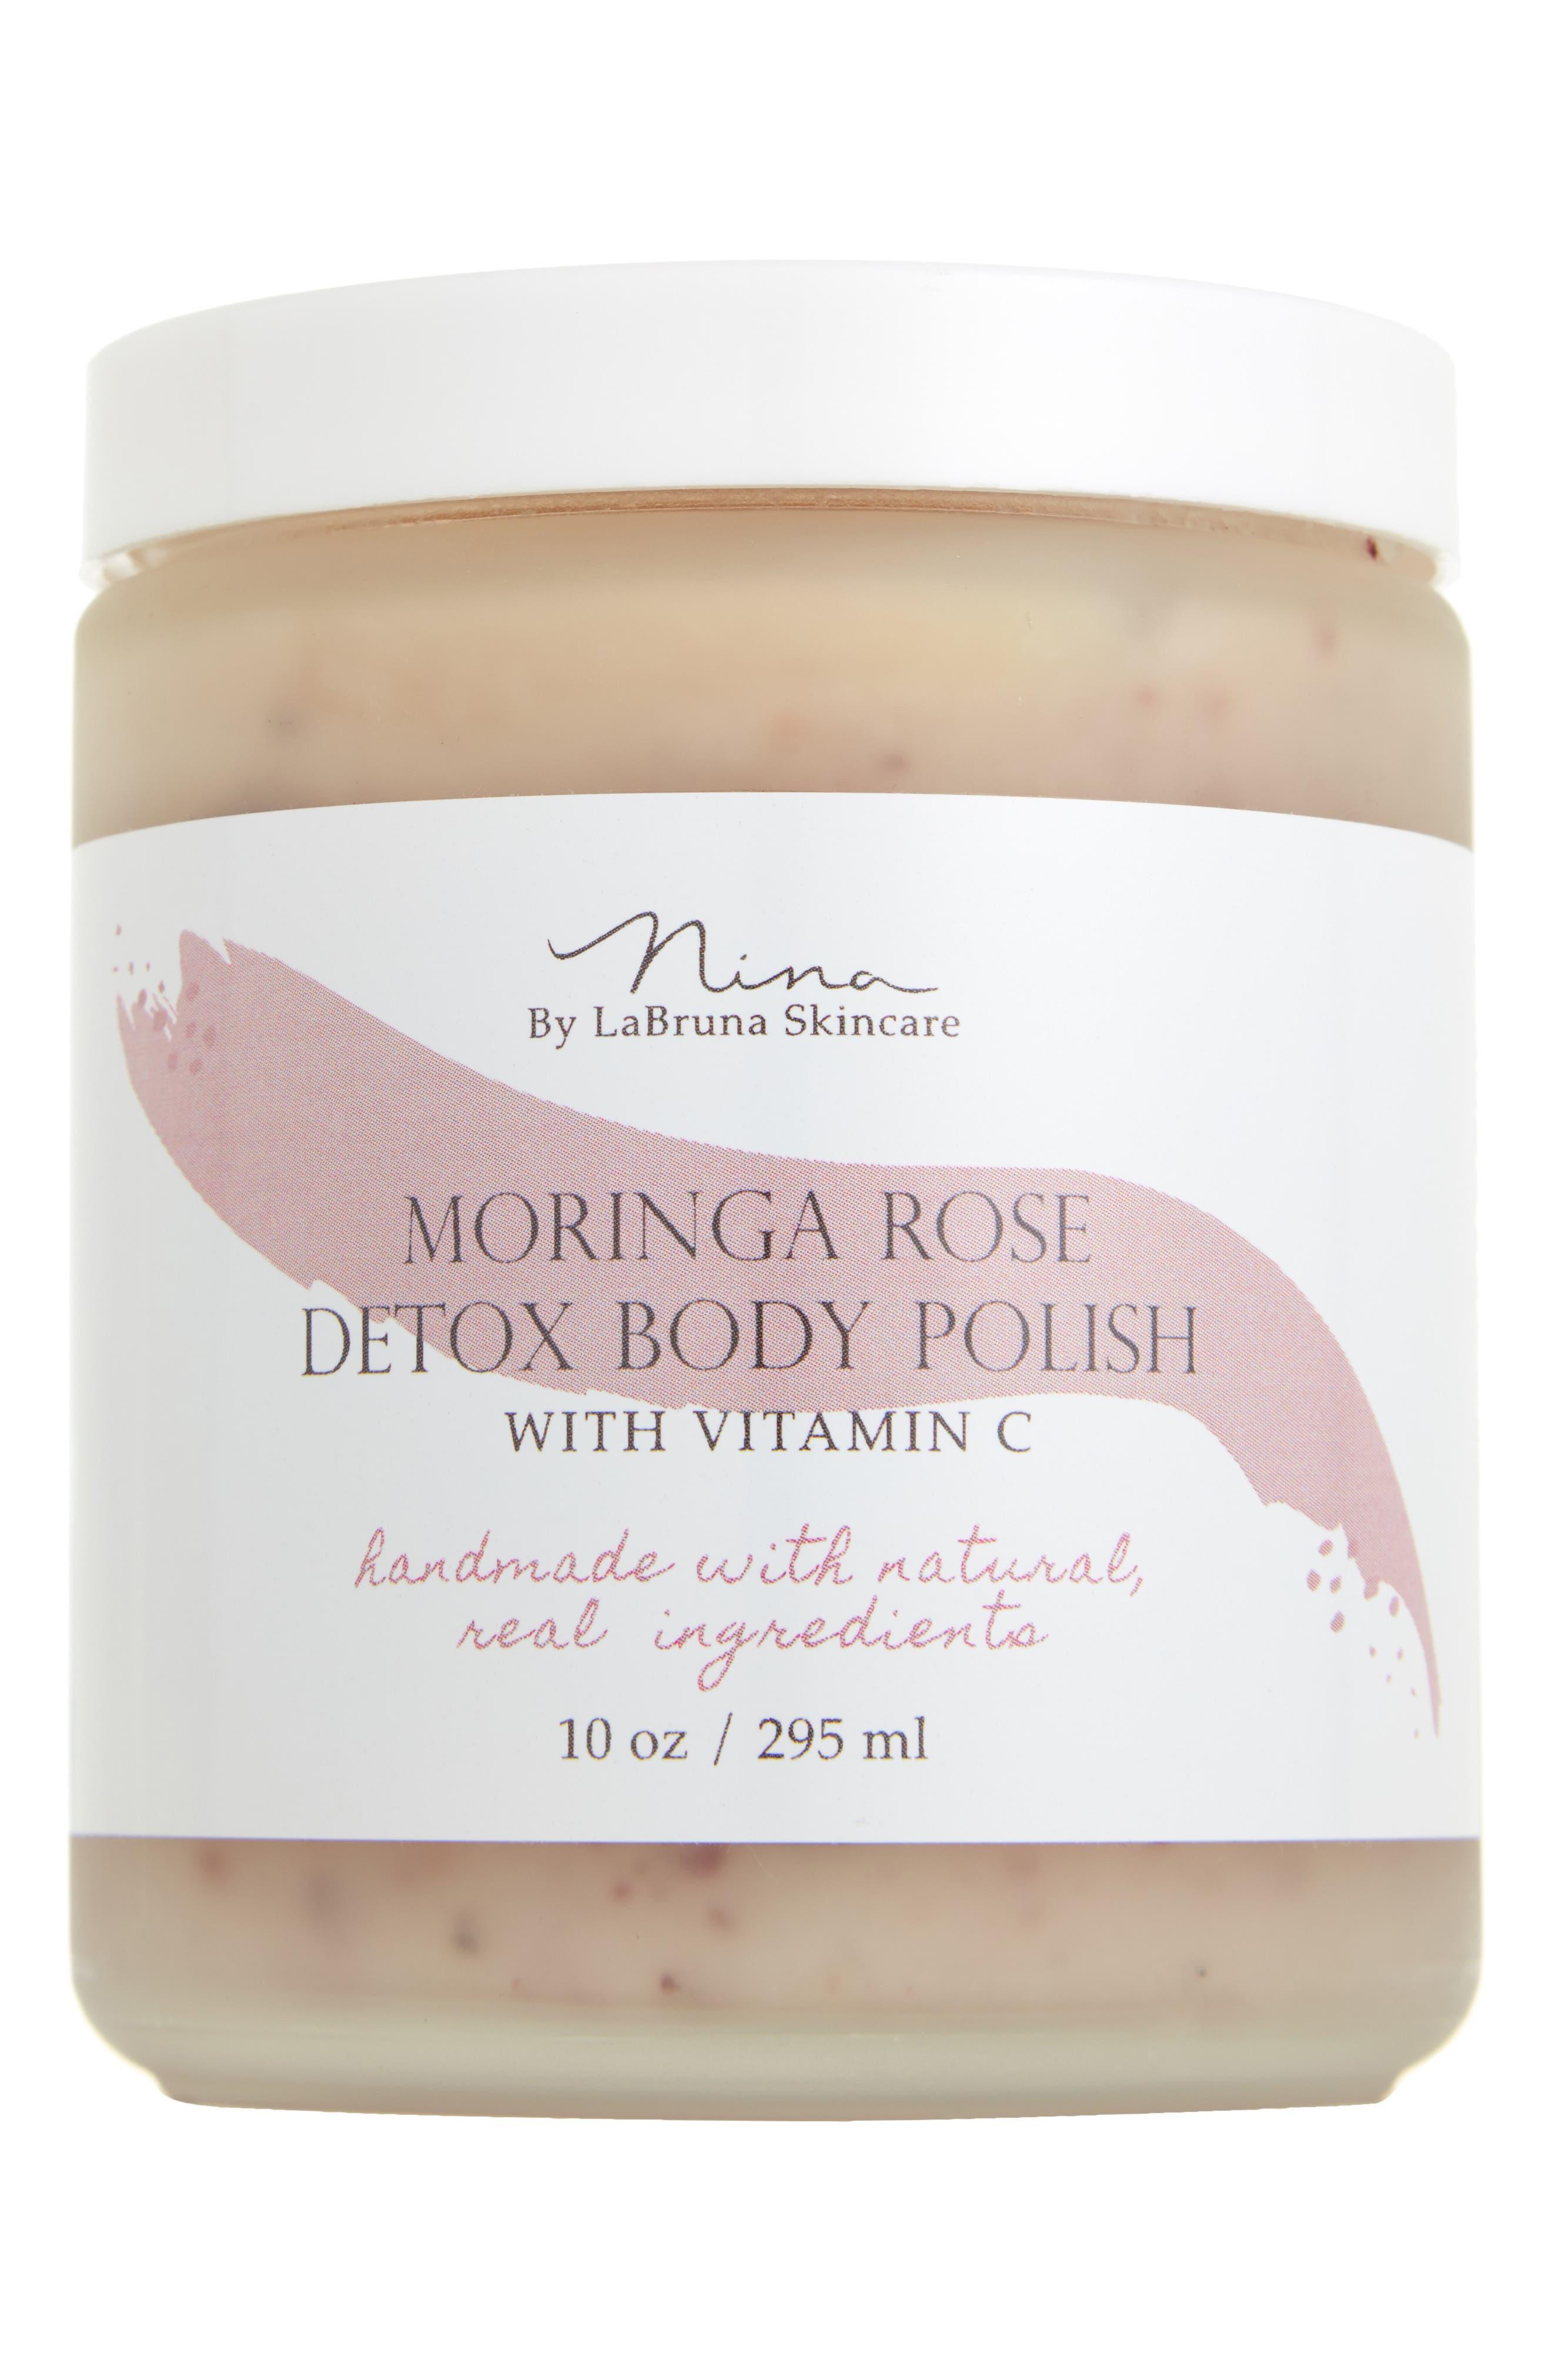 Skincare Moringa Rose Detox Body Polish